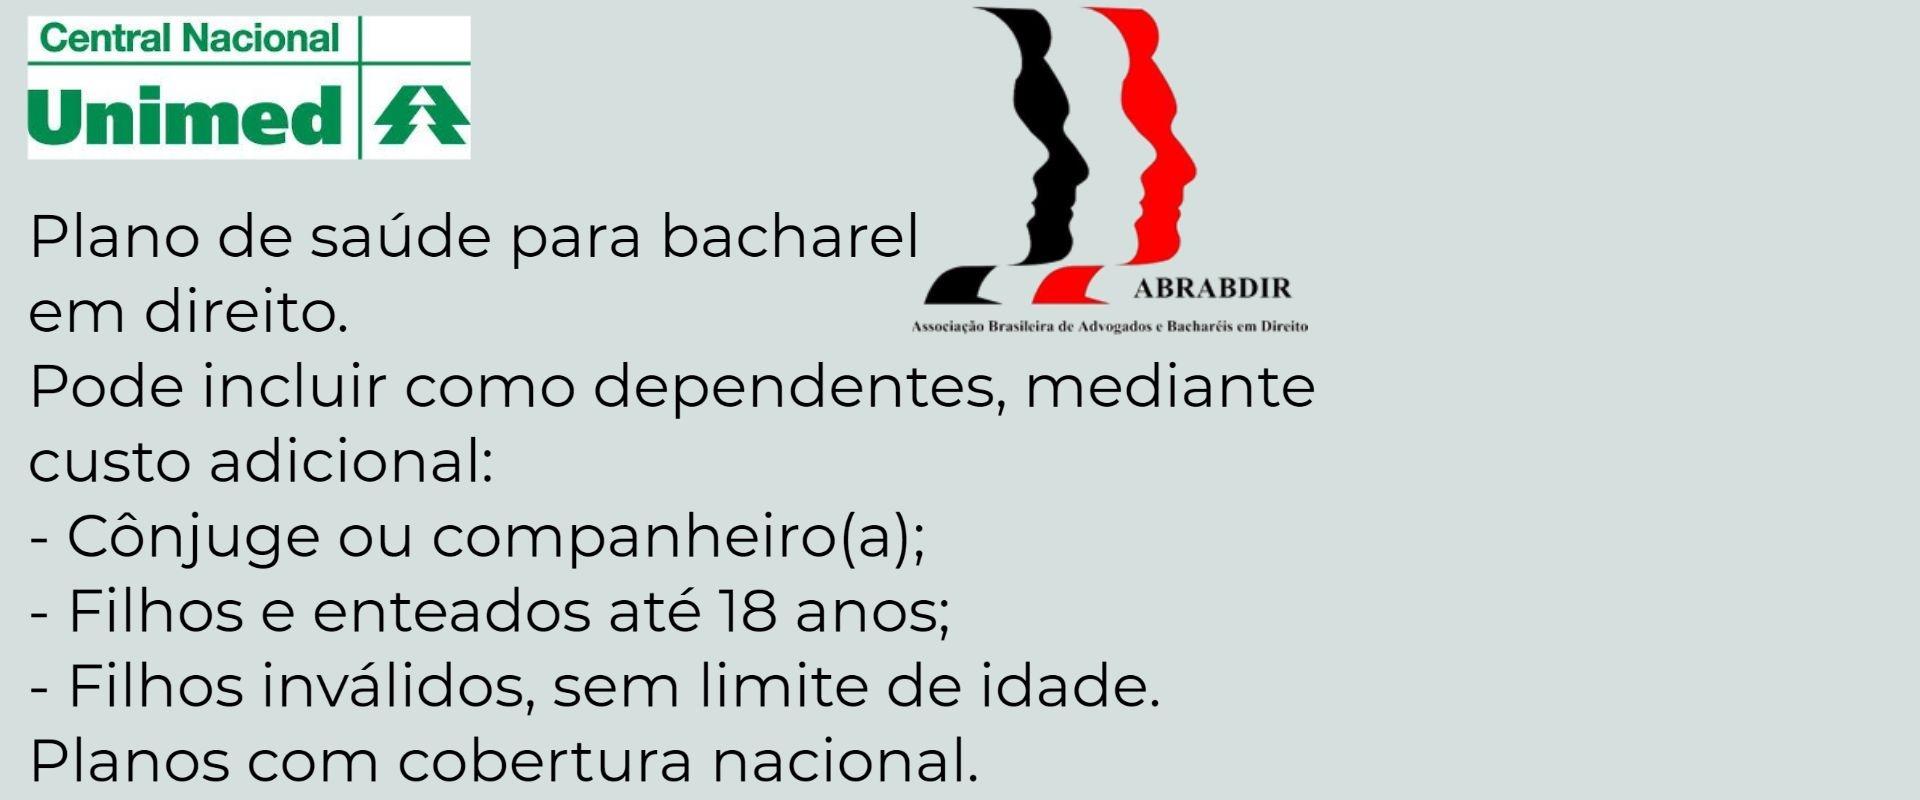 Unimed ABRABDIR Catanduva